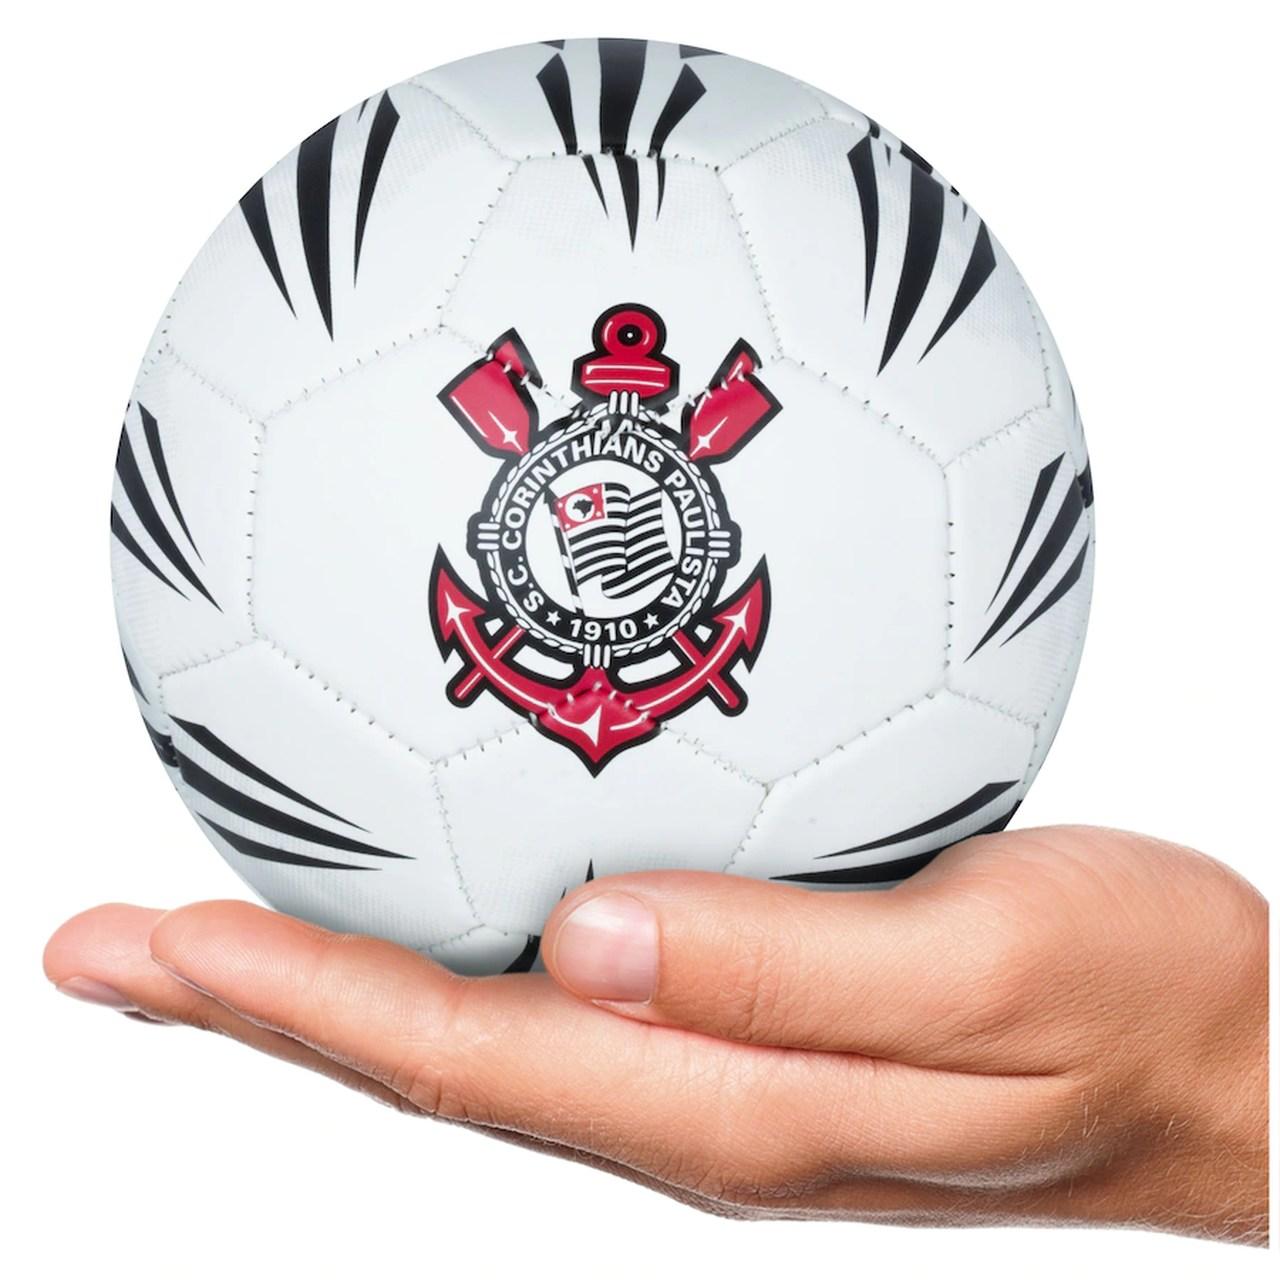 Mini Bola de Futebol Corinthians Estádios Branca e Preta nº2